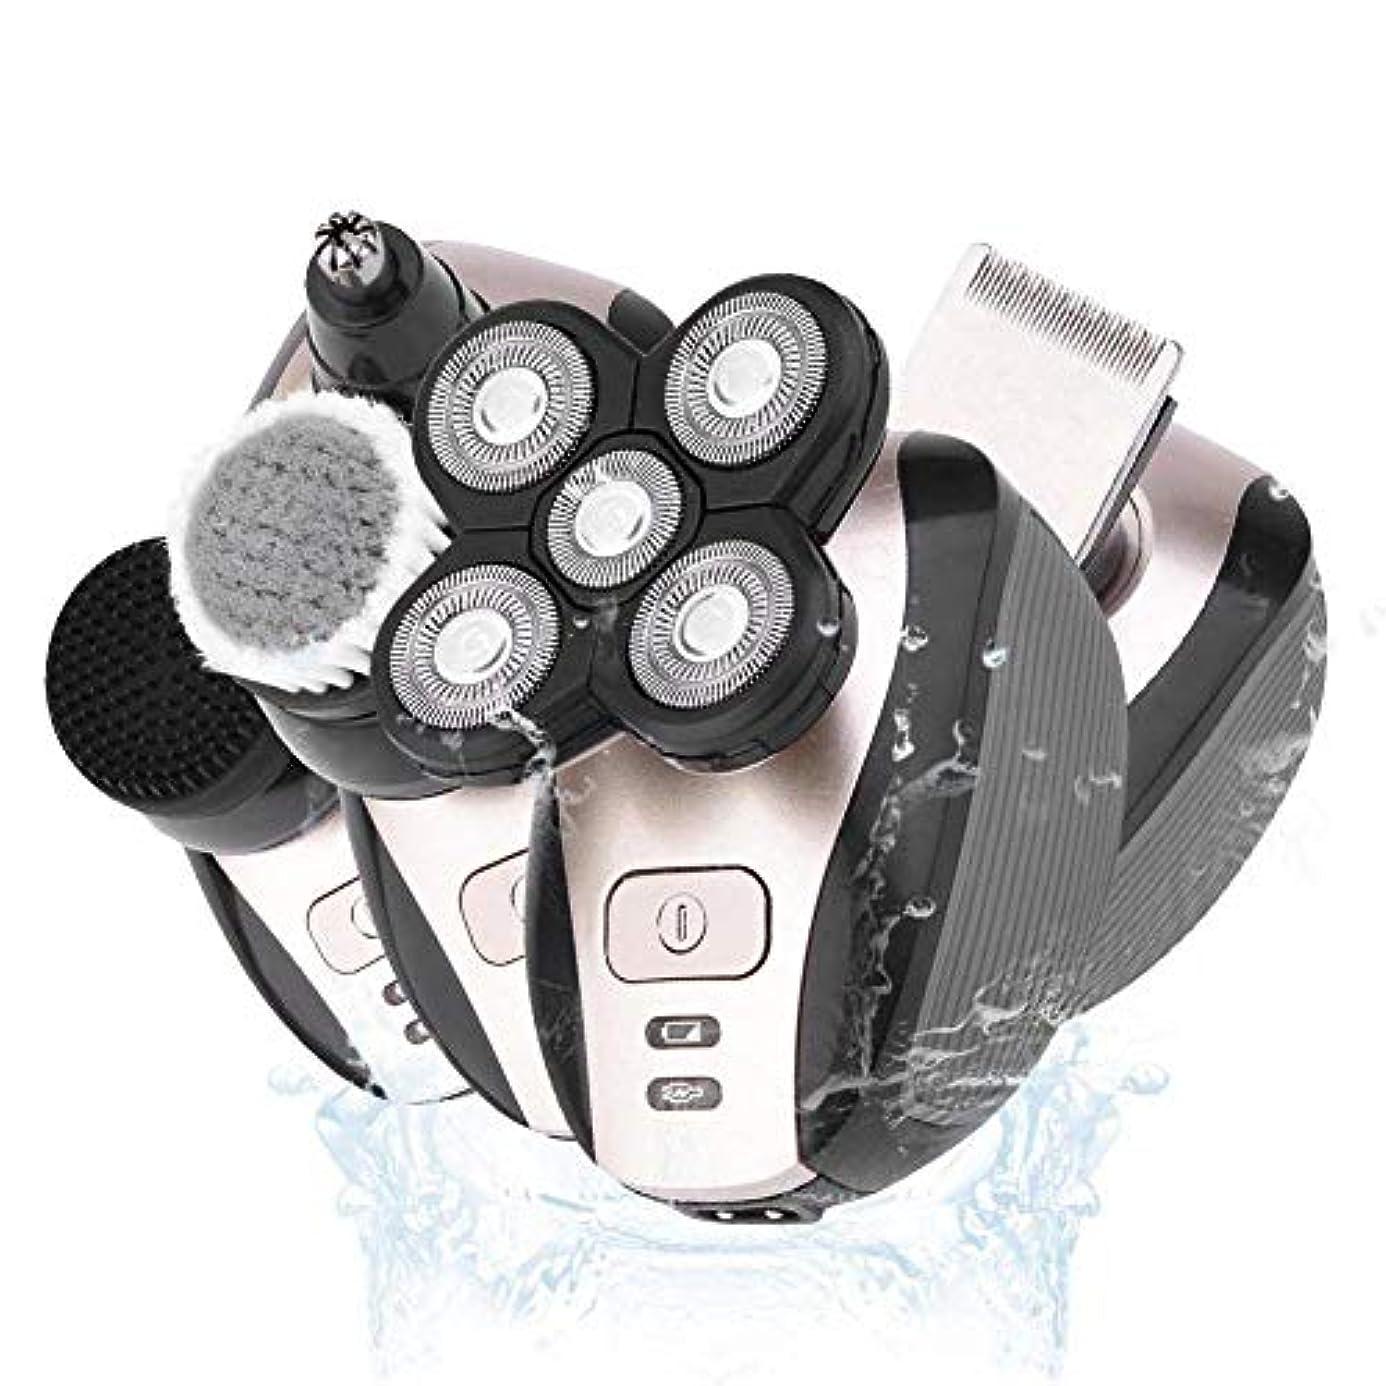 運営揮発性ユダヤ人1 4D電気シェーバー充電式のヘアトリマーヒゲトリマーチタンバリカントリマー男性のひげ剃り機で5